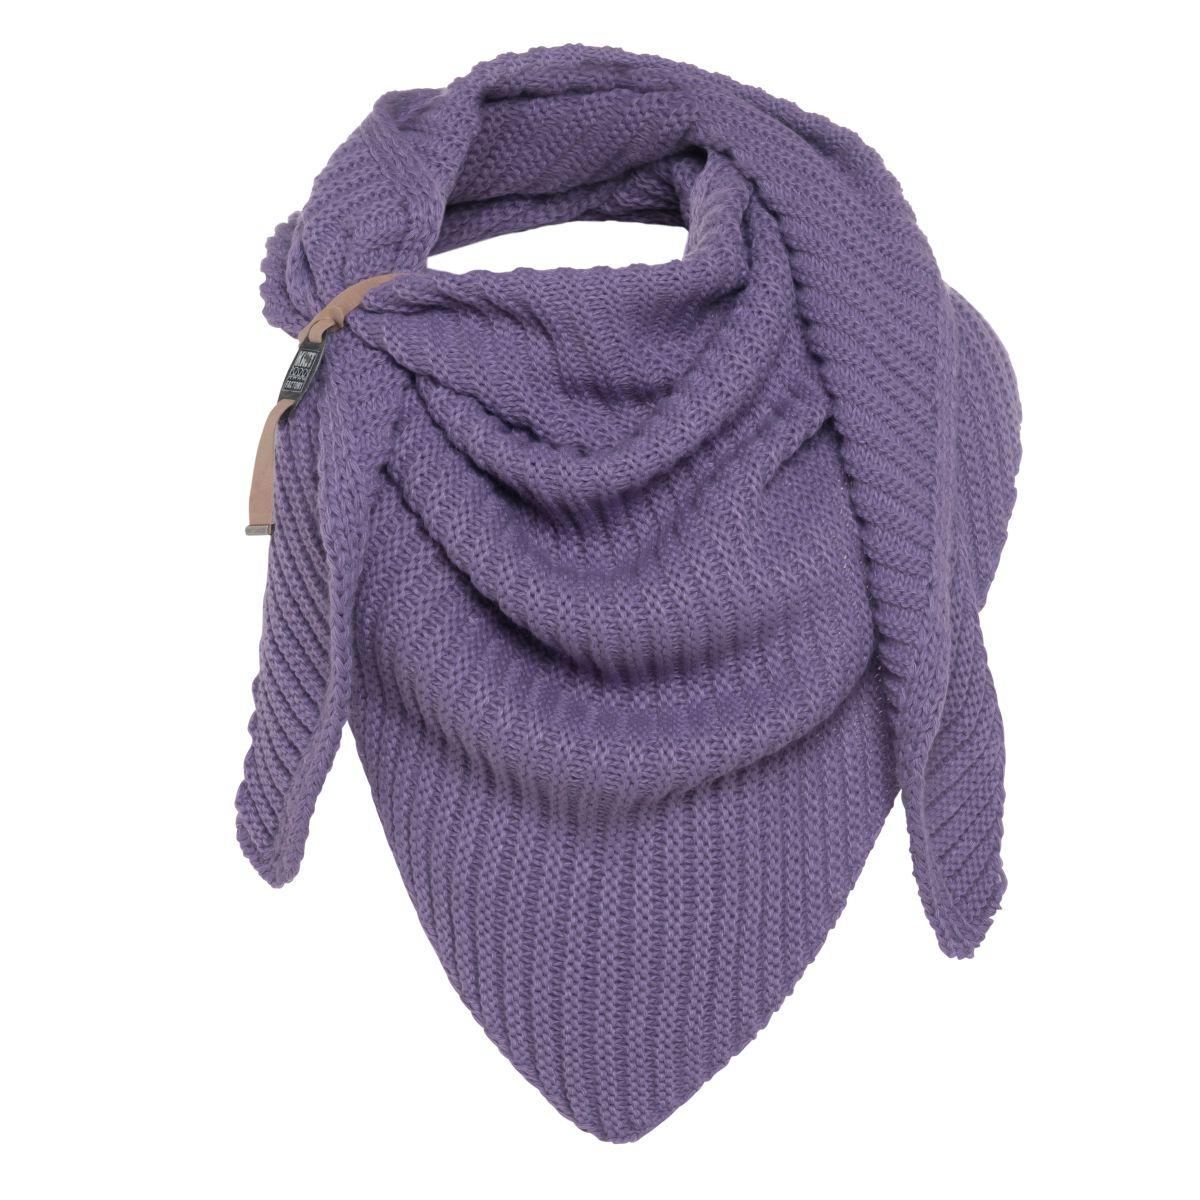 knit factory kf14706004350 demy omslagdoek violet 1